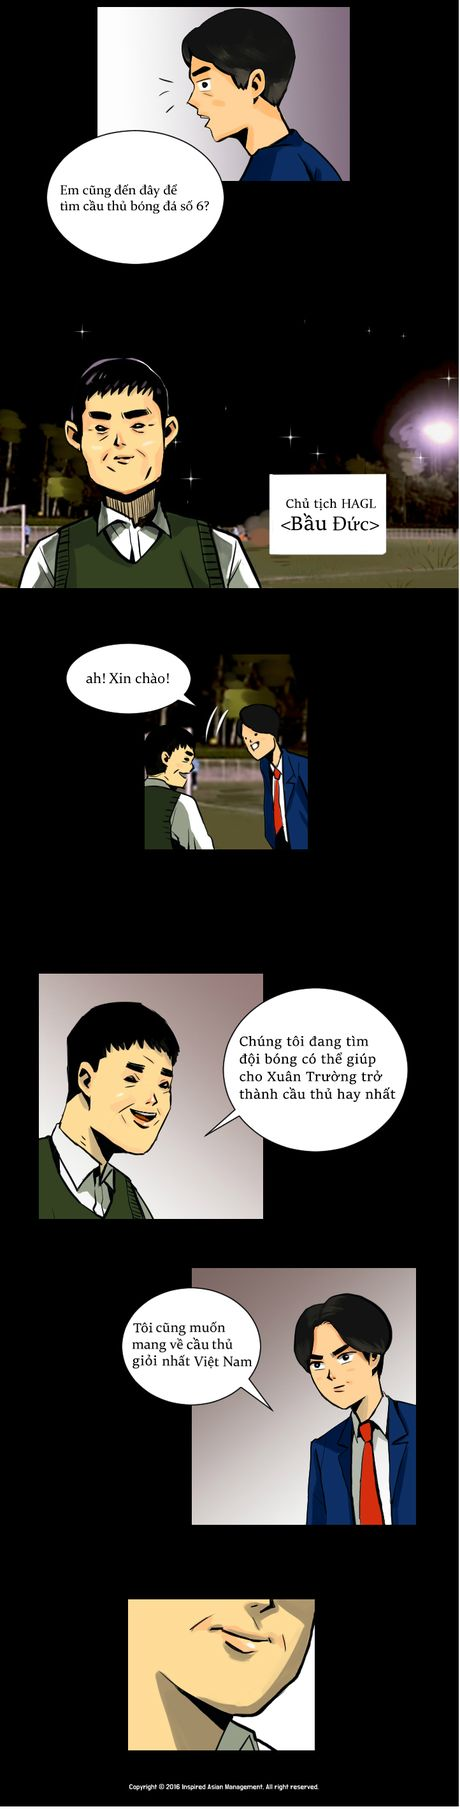 Xuan Truong len truyen tranh truc tuyen cua Han Quoc - Anh 5